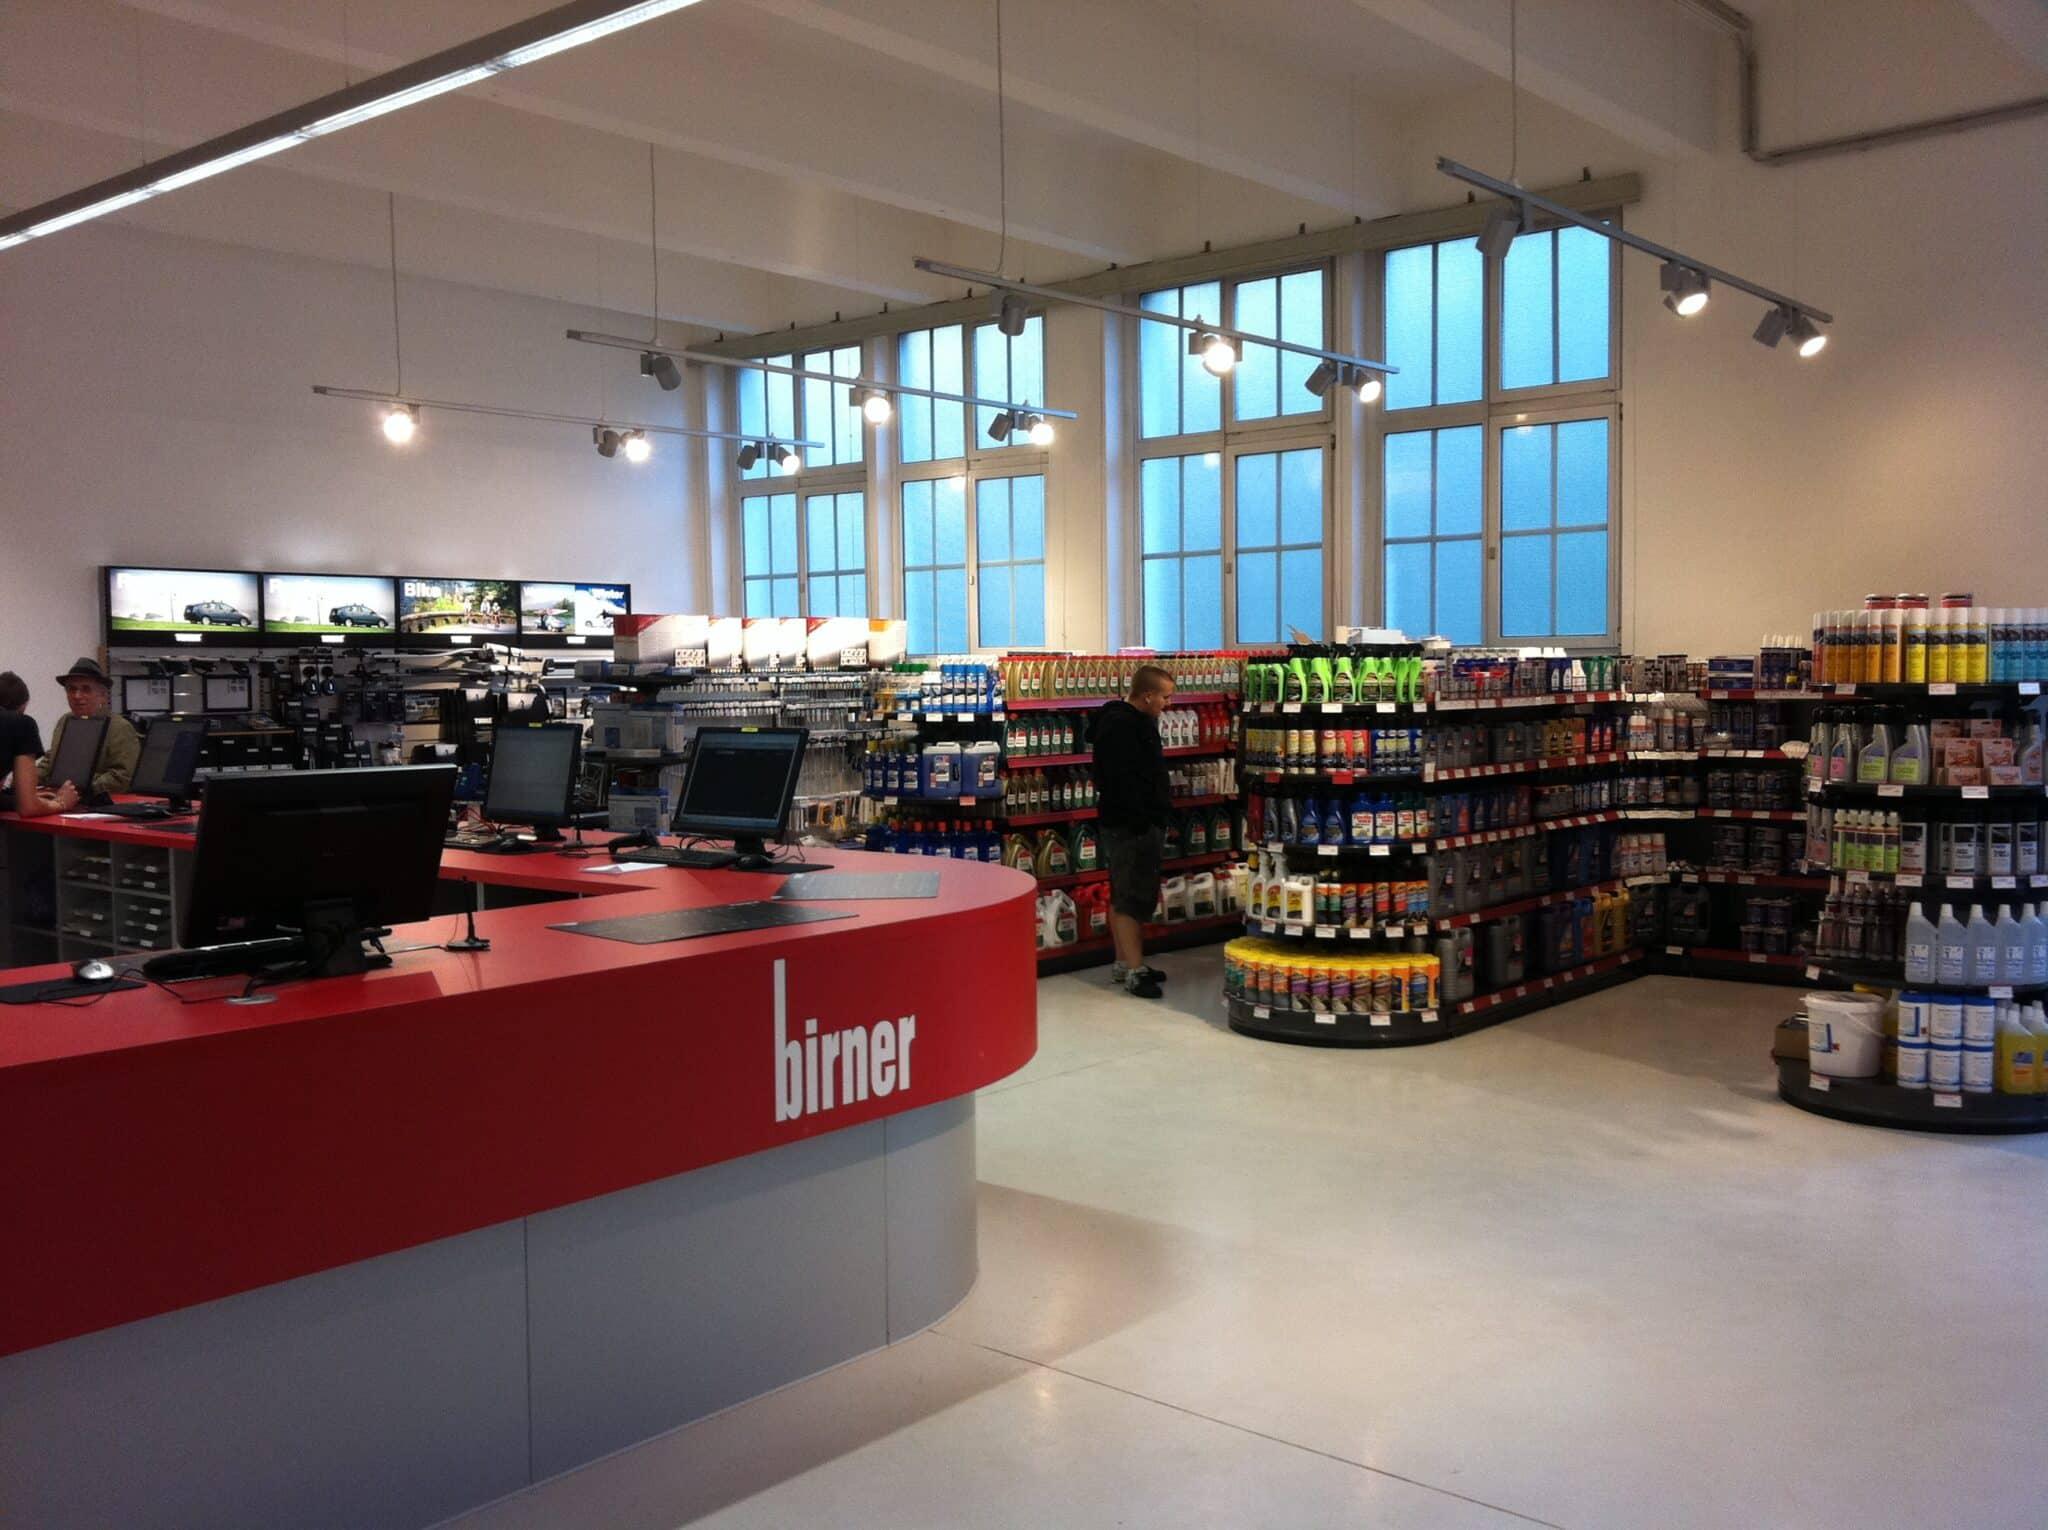 Birner GmbH - Neuer EMC Vorteilspartner | Verkaufsinnenraum scaled